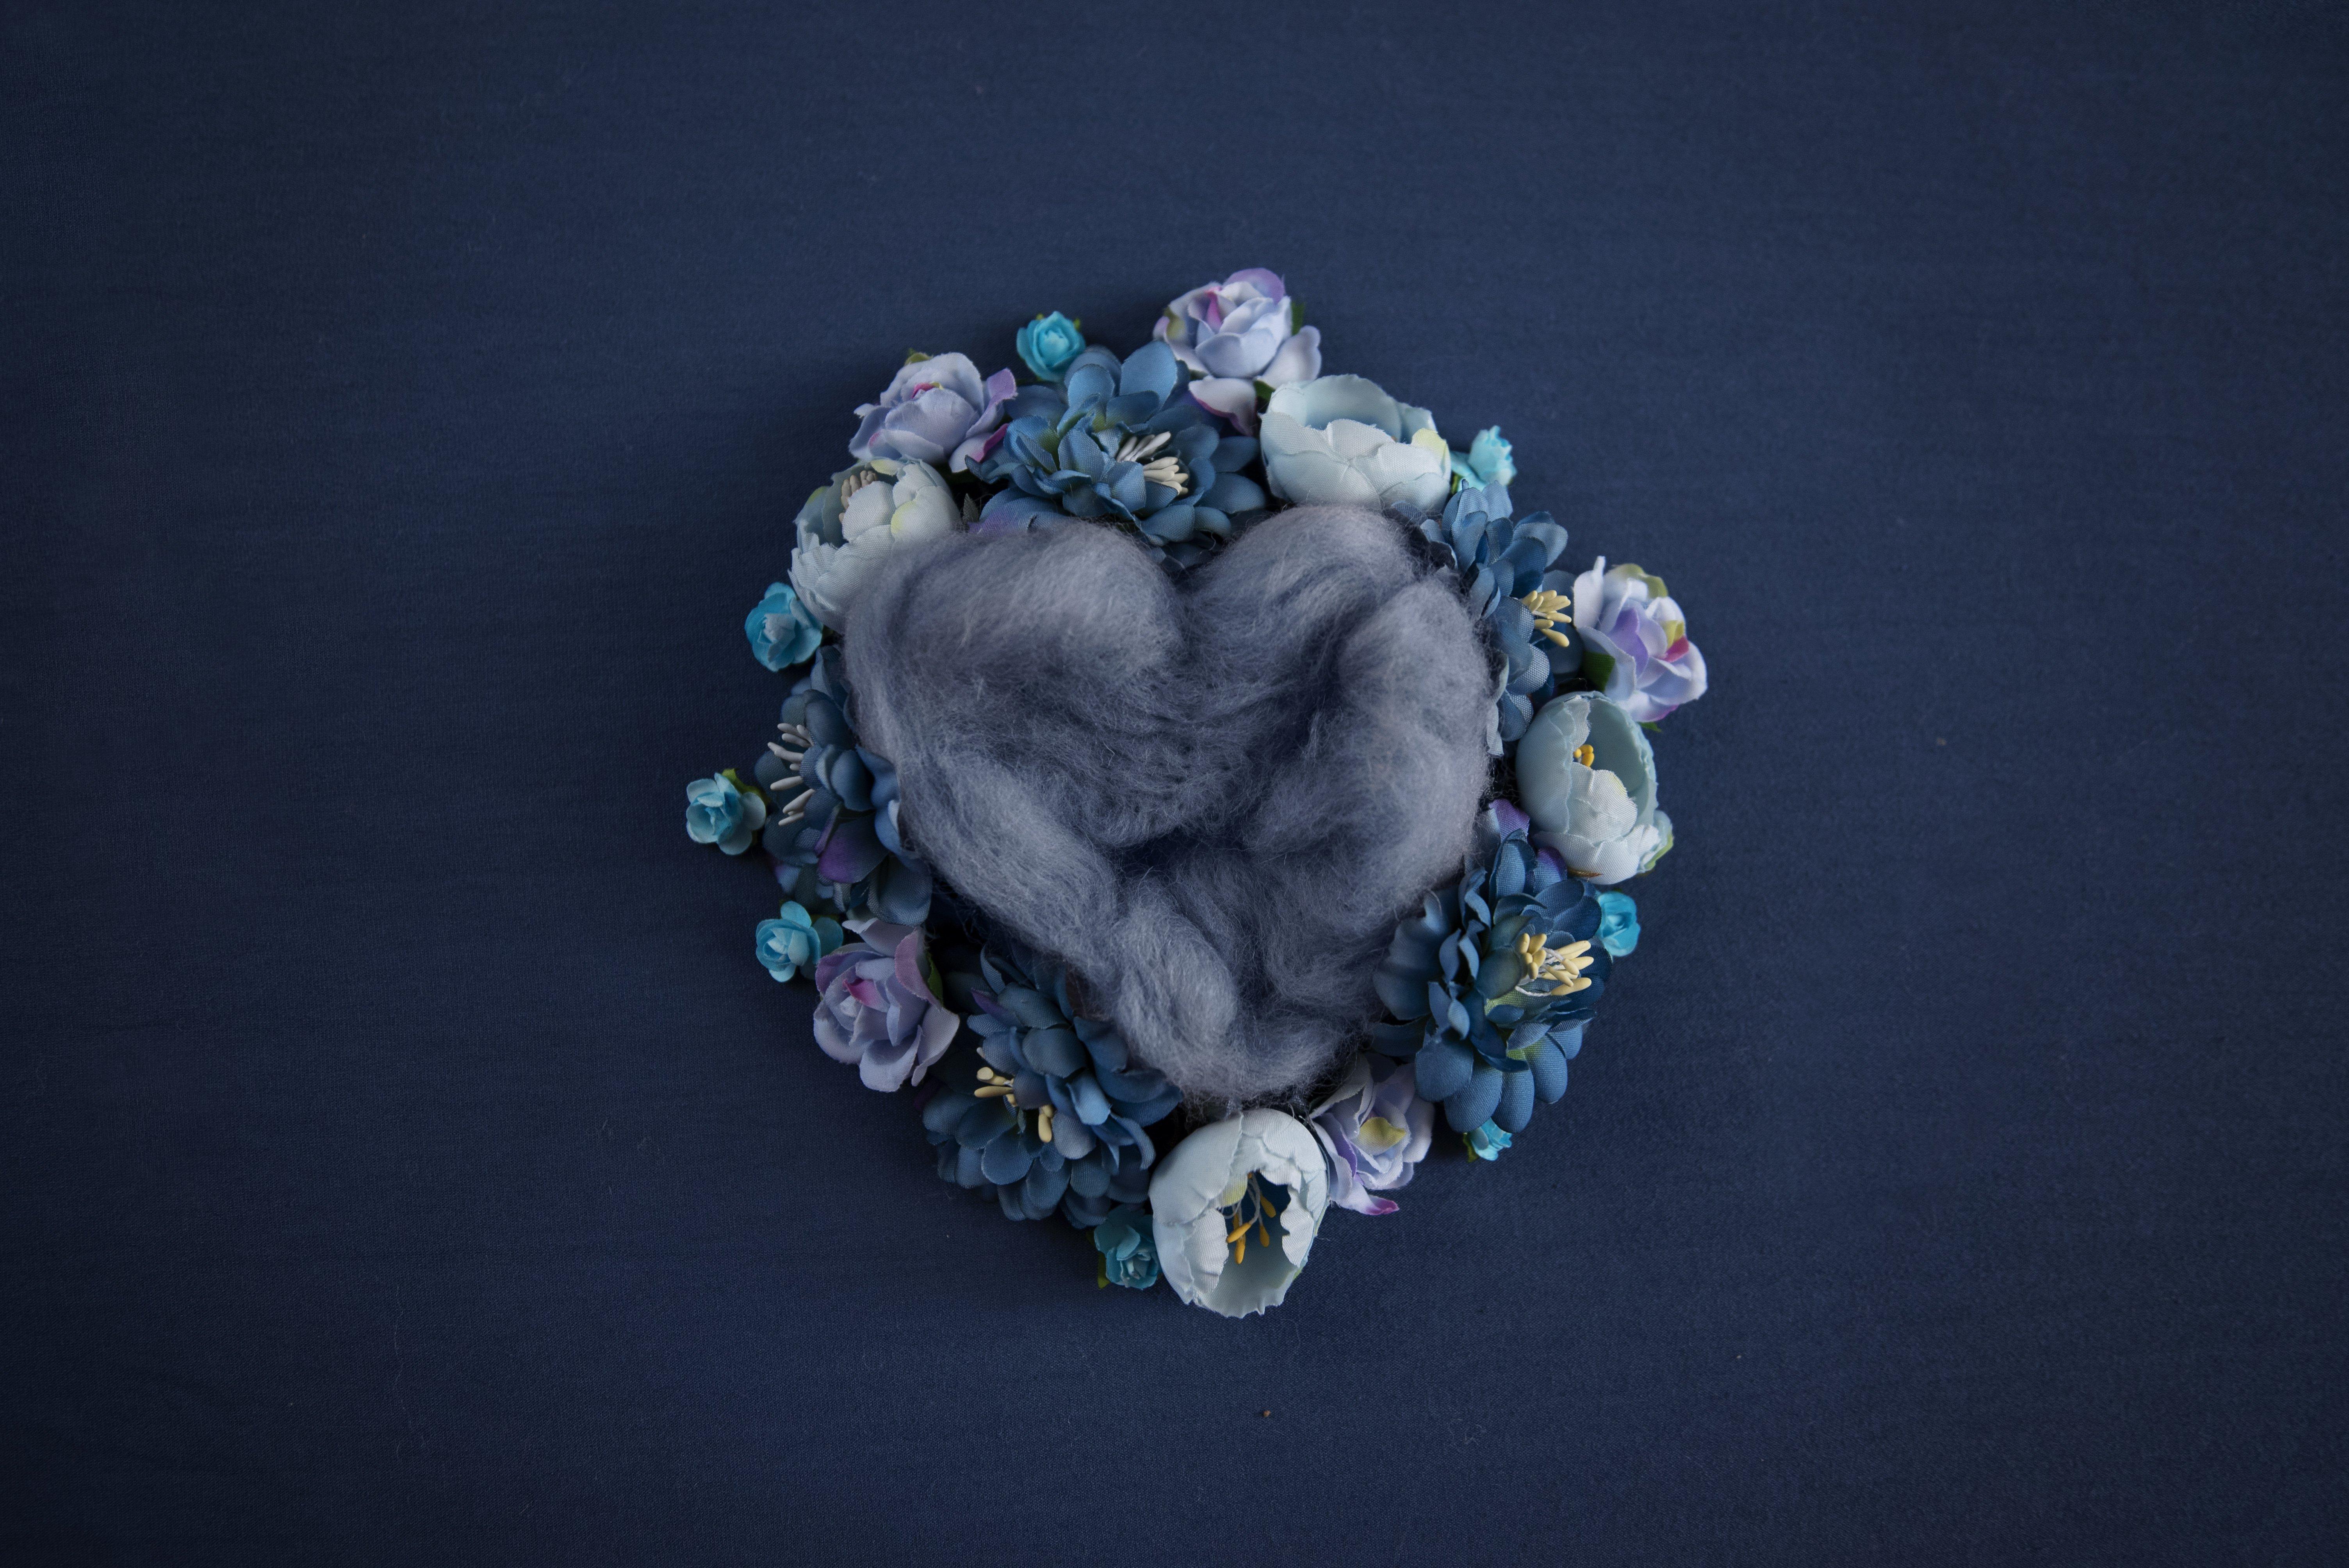 NAVY BLUE LOVE HEART POD (DIGITAL)